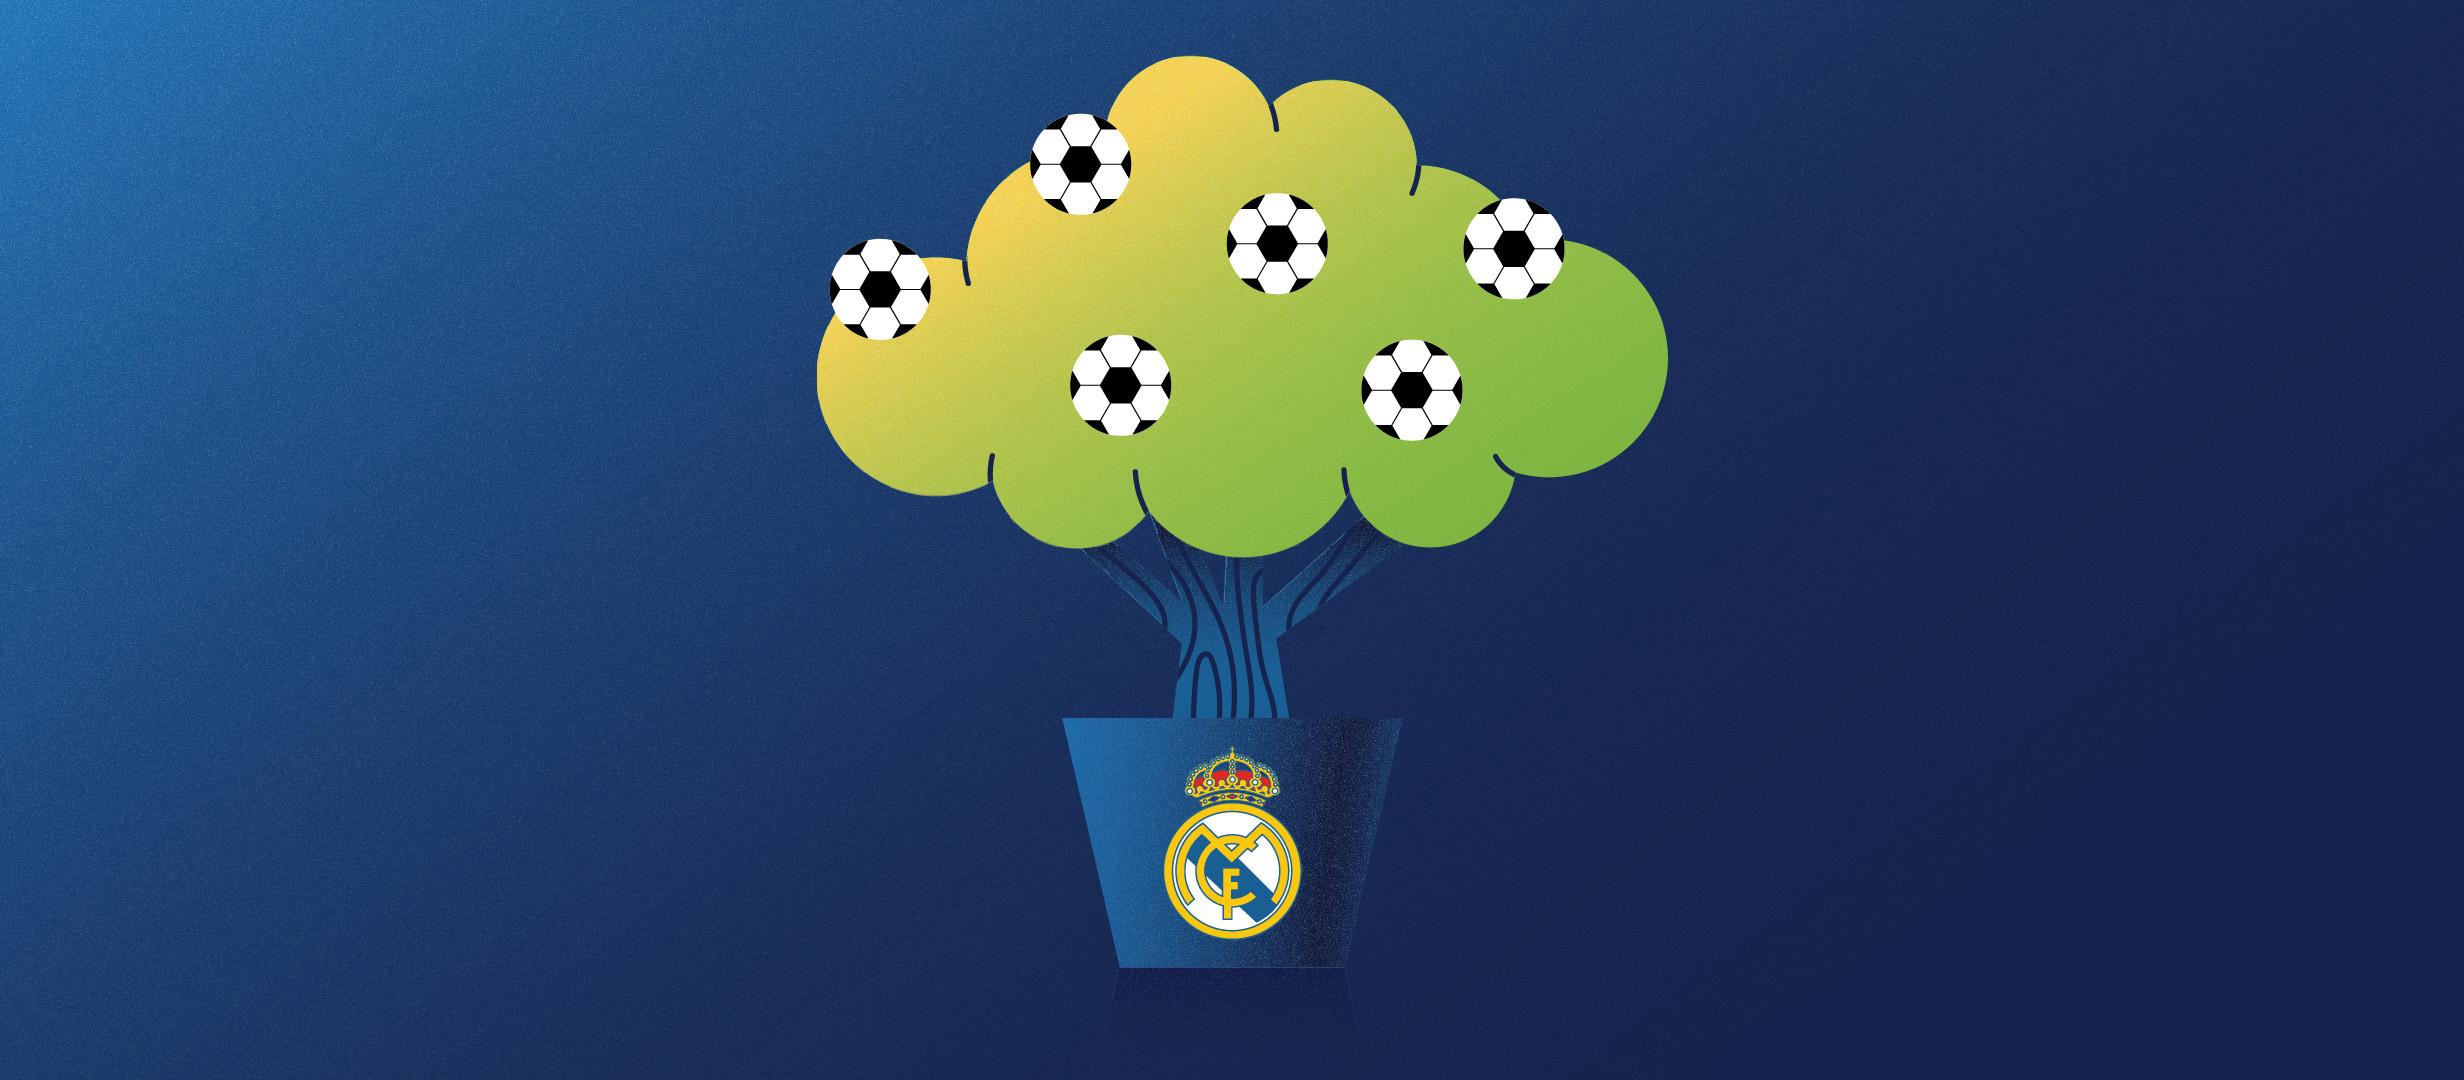 Ставки на голы «Реала»: с возвращением Анчелотти команда бьёт рекорды результативности